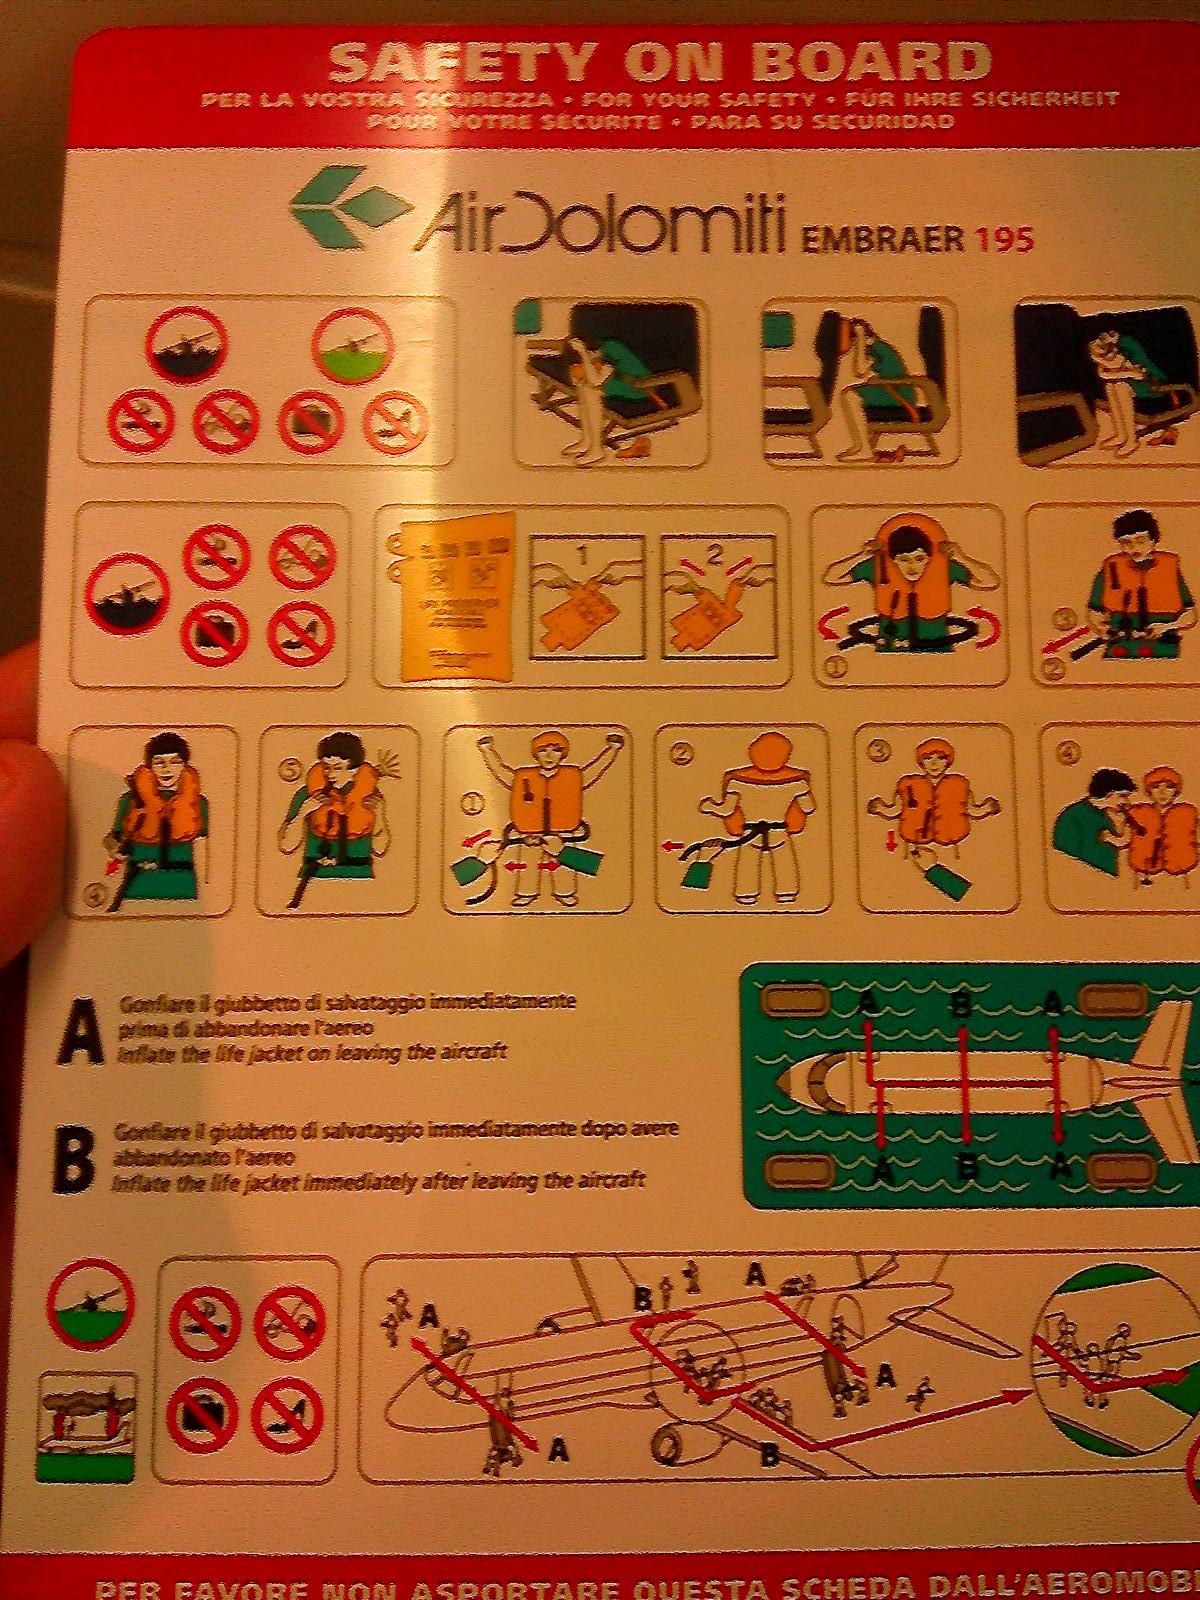 Инструкция по безопасности самолета Embraer 195 авиакомпании Air Dolomiti